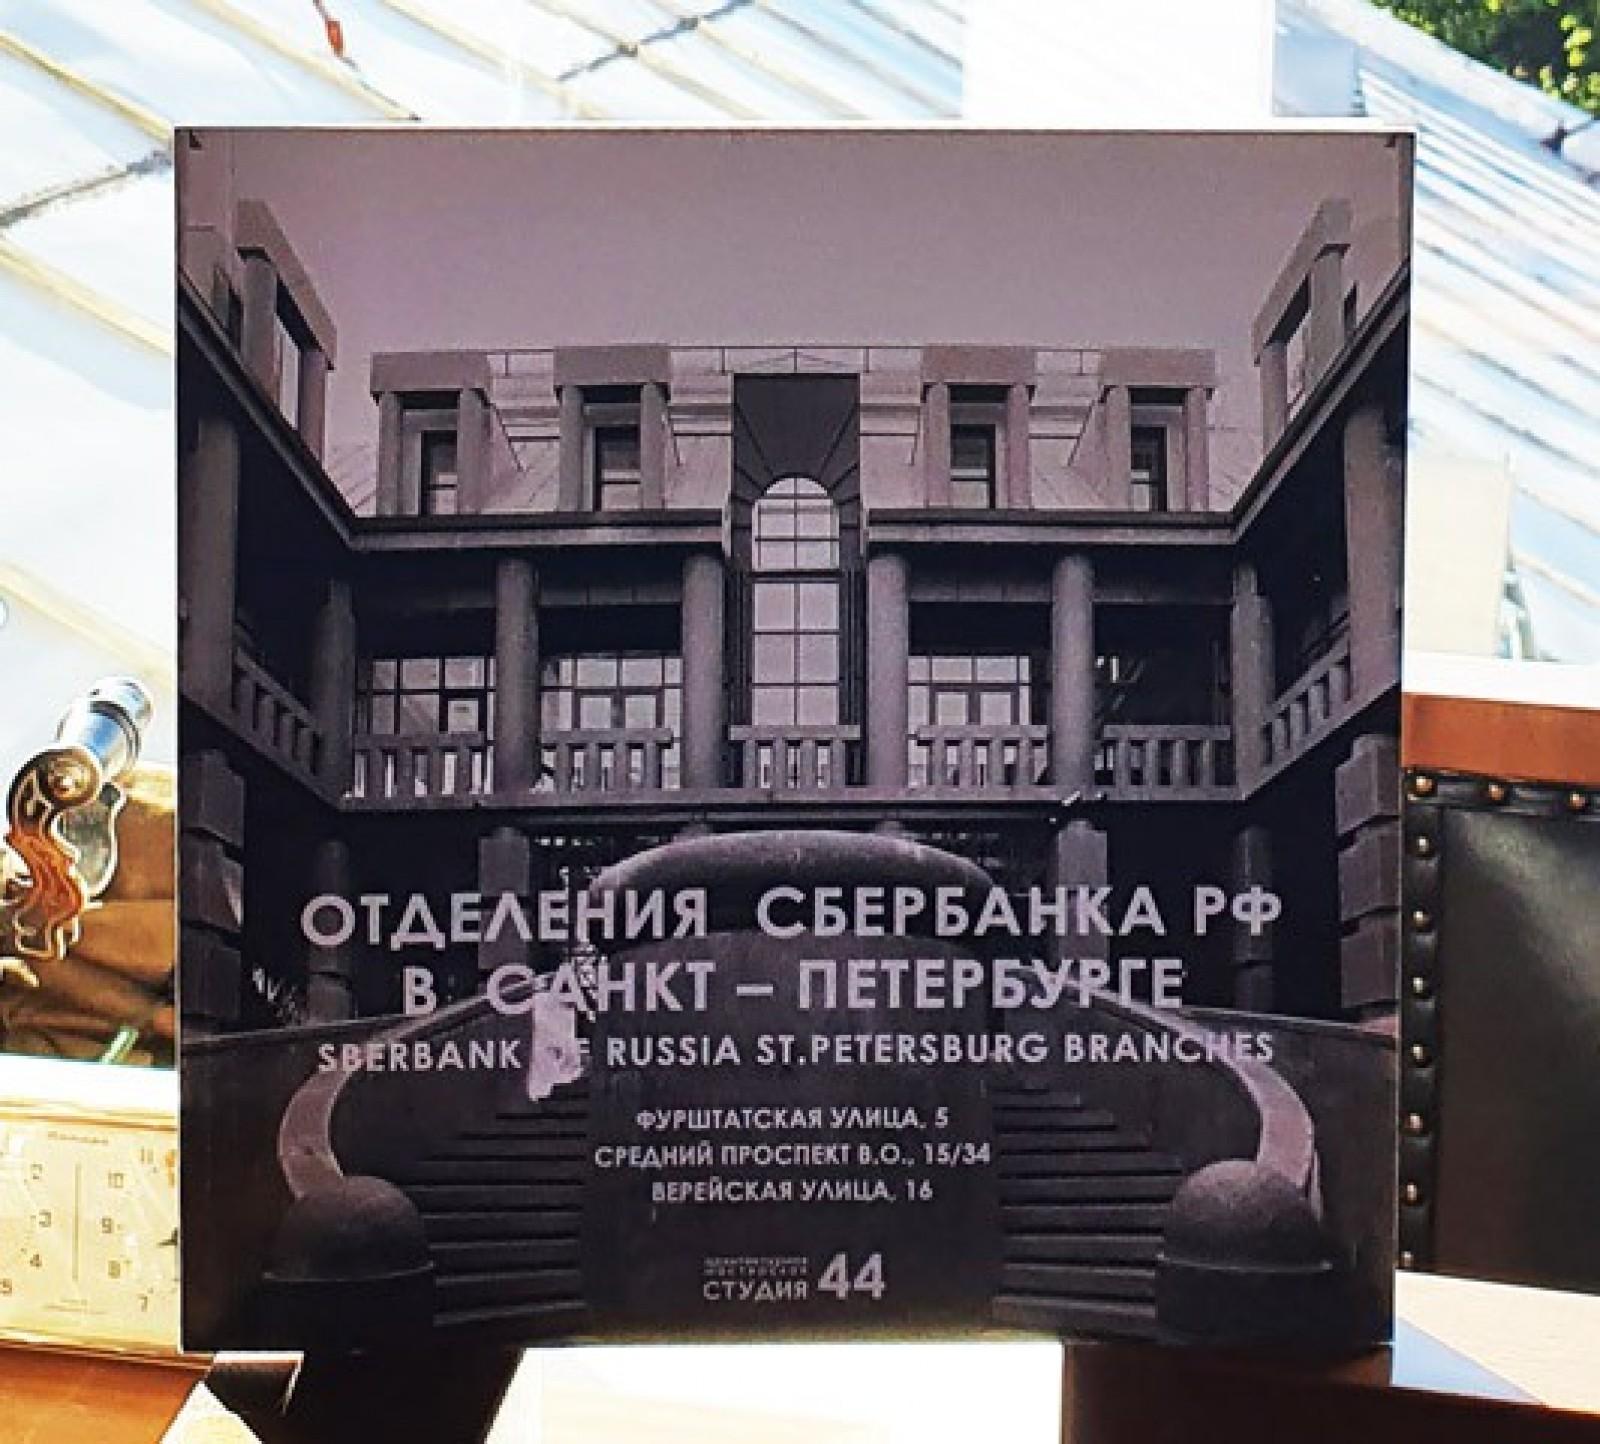 Отделения Сбербанка РФ в Санкт-Петербурге